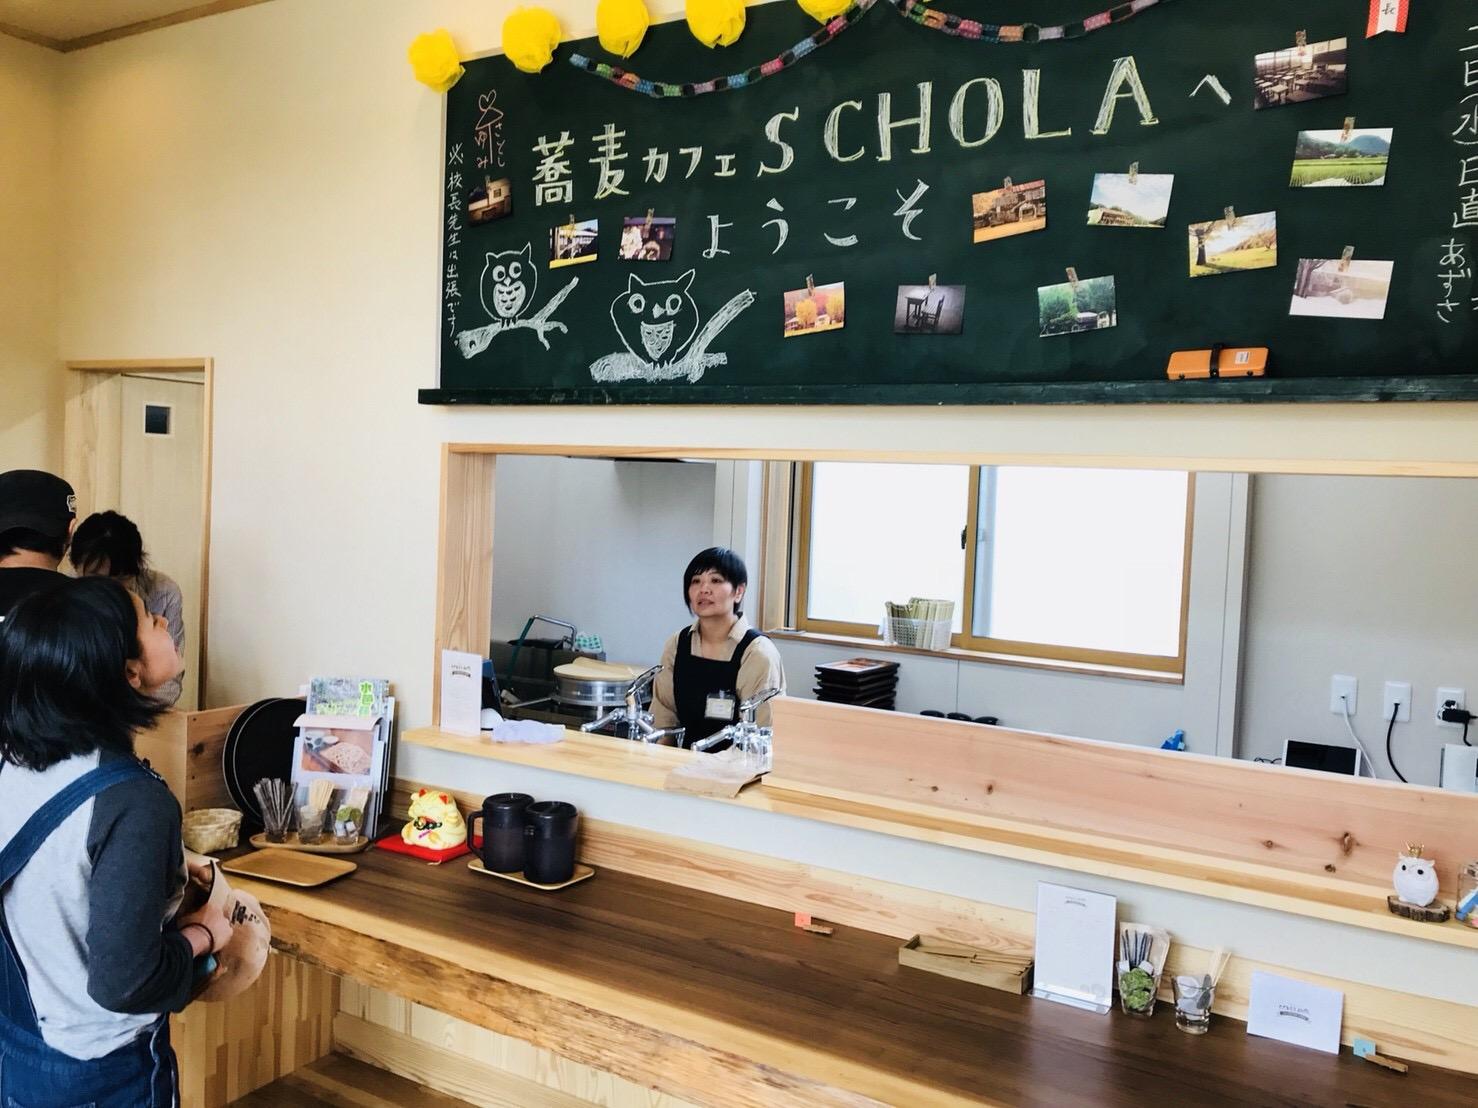 蕎麦カフェ スコラの店内